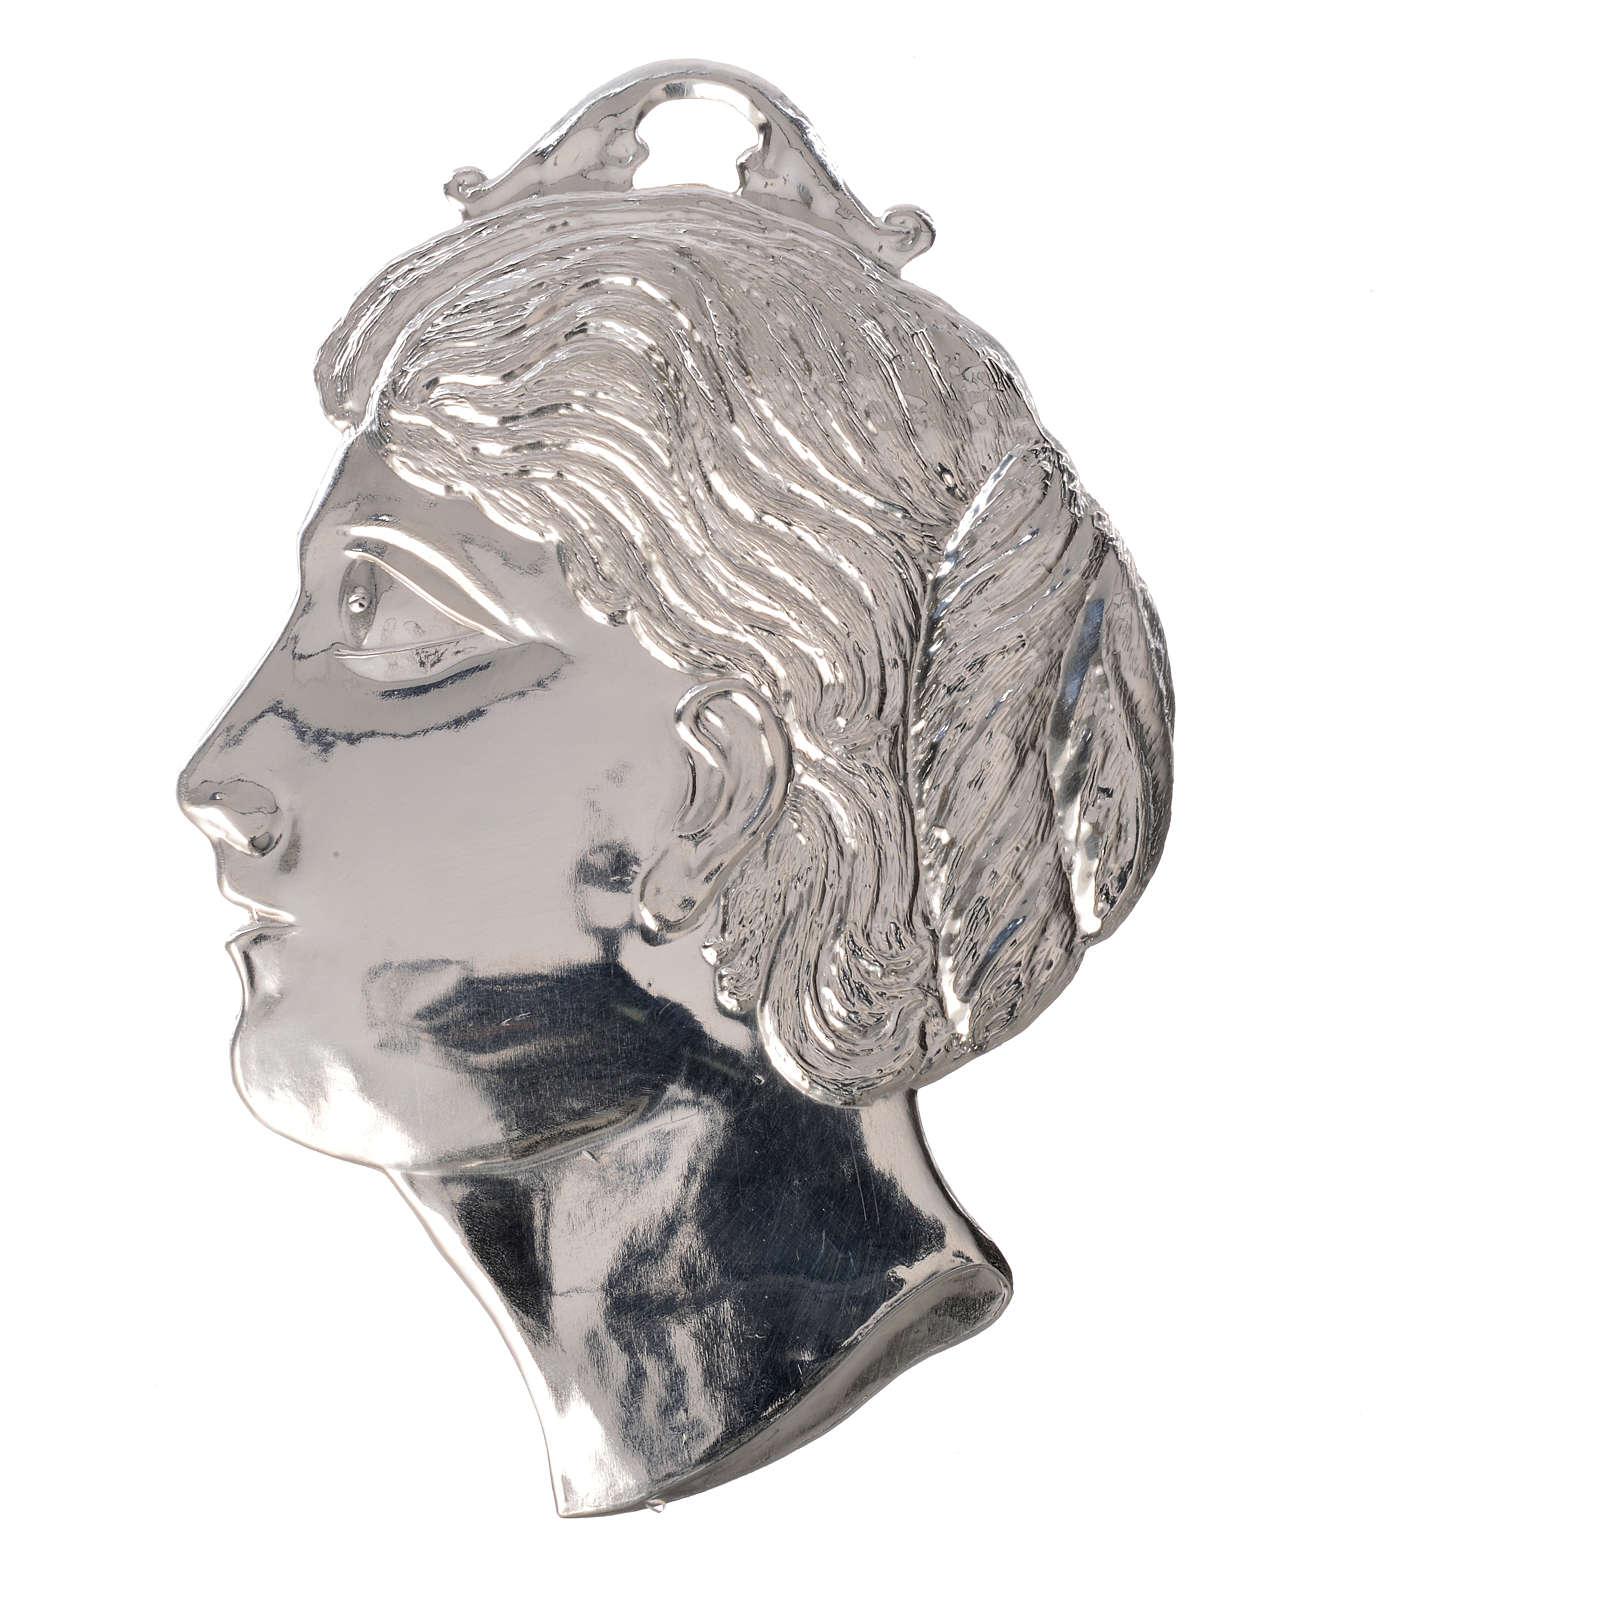 Ex-voto cabeza de mujer plata 925 o metal 14 cm. 3